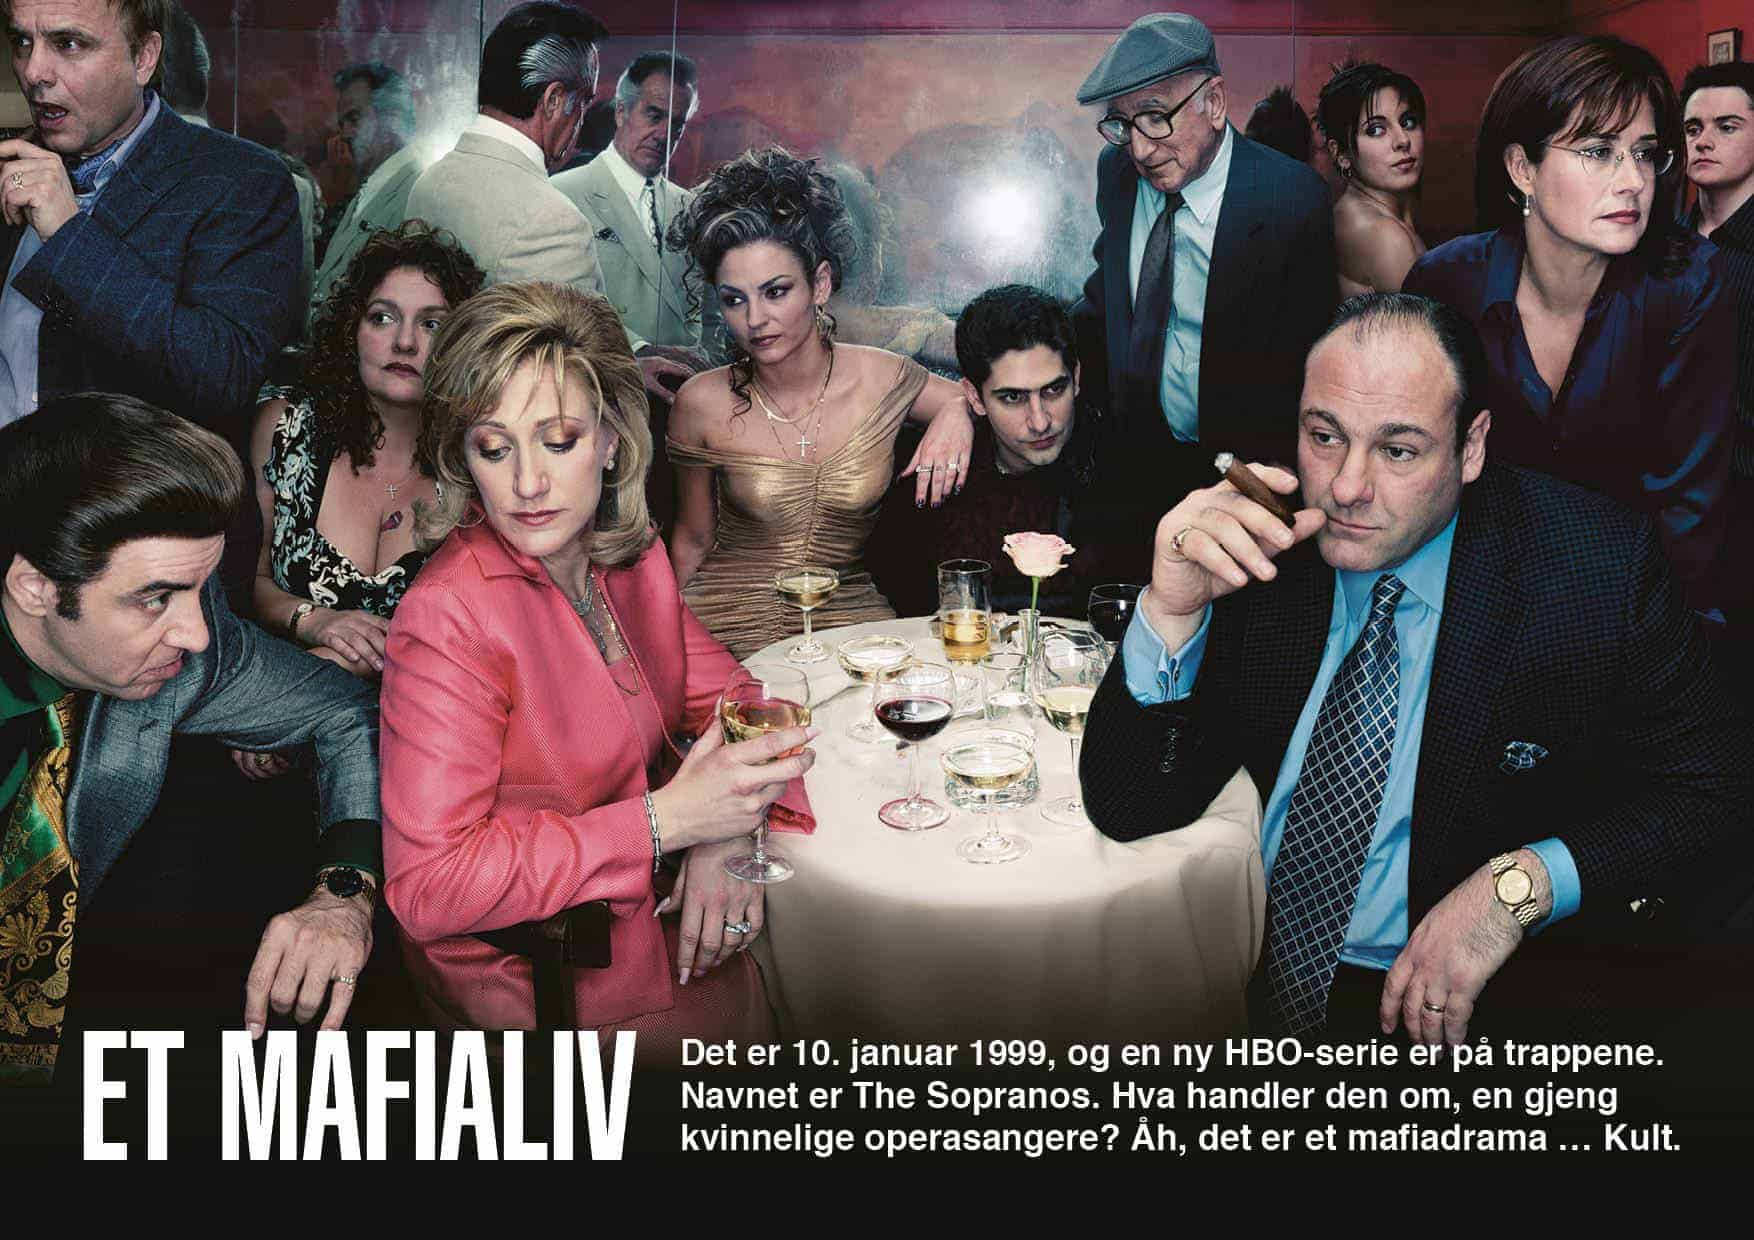 Et mafialiv